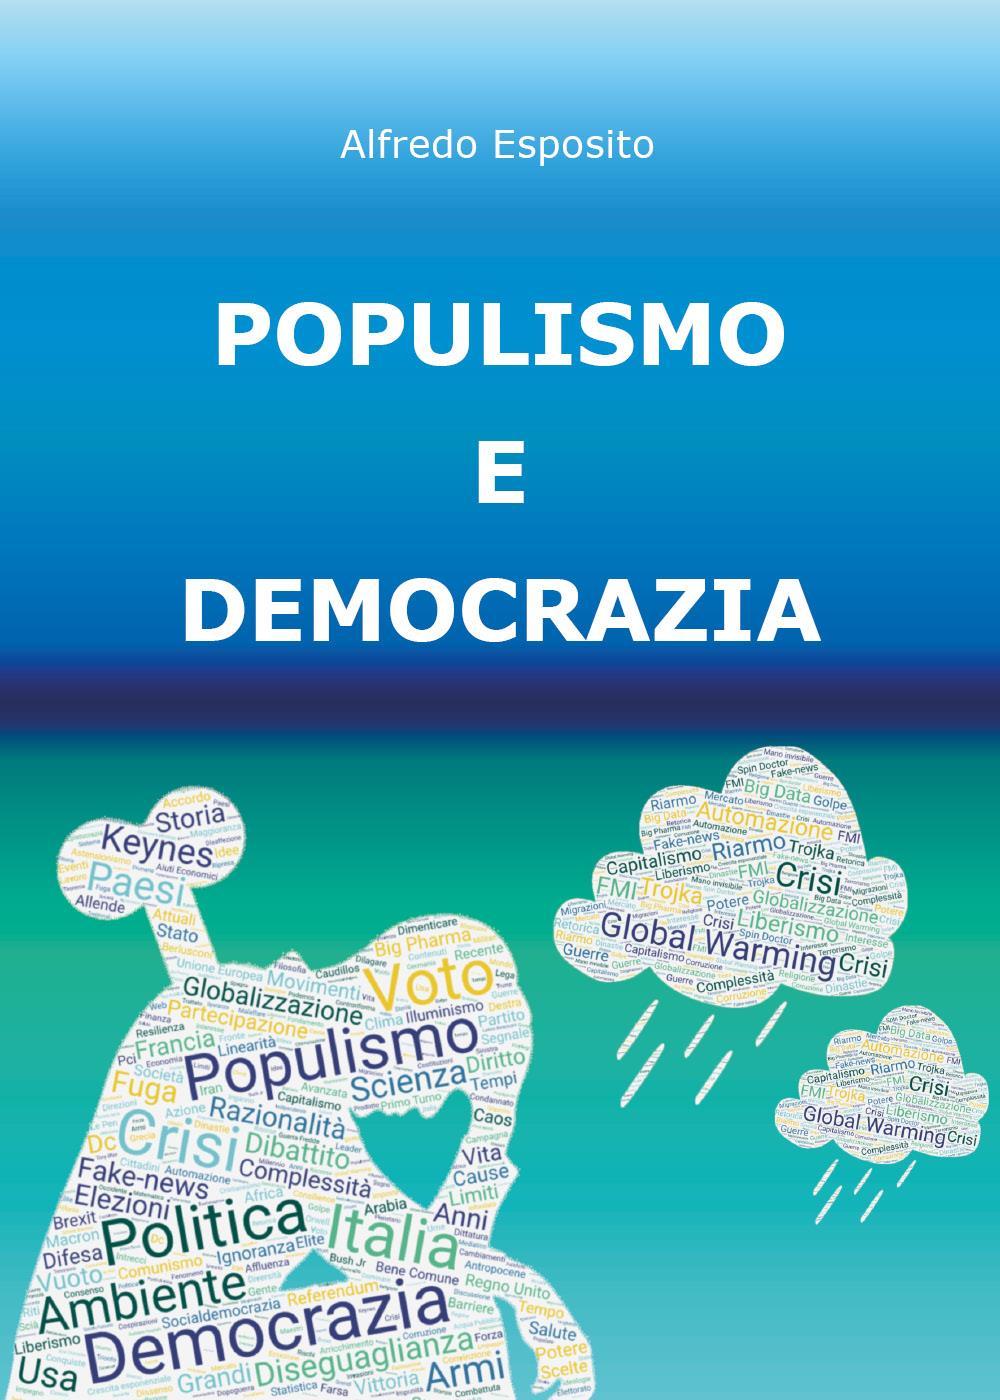 Populismo e democrazia